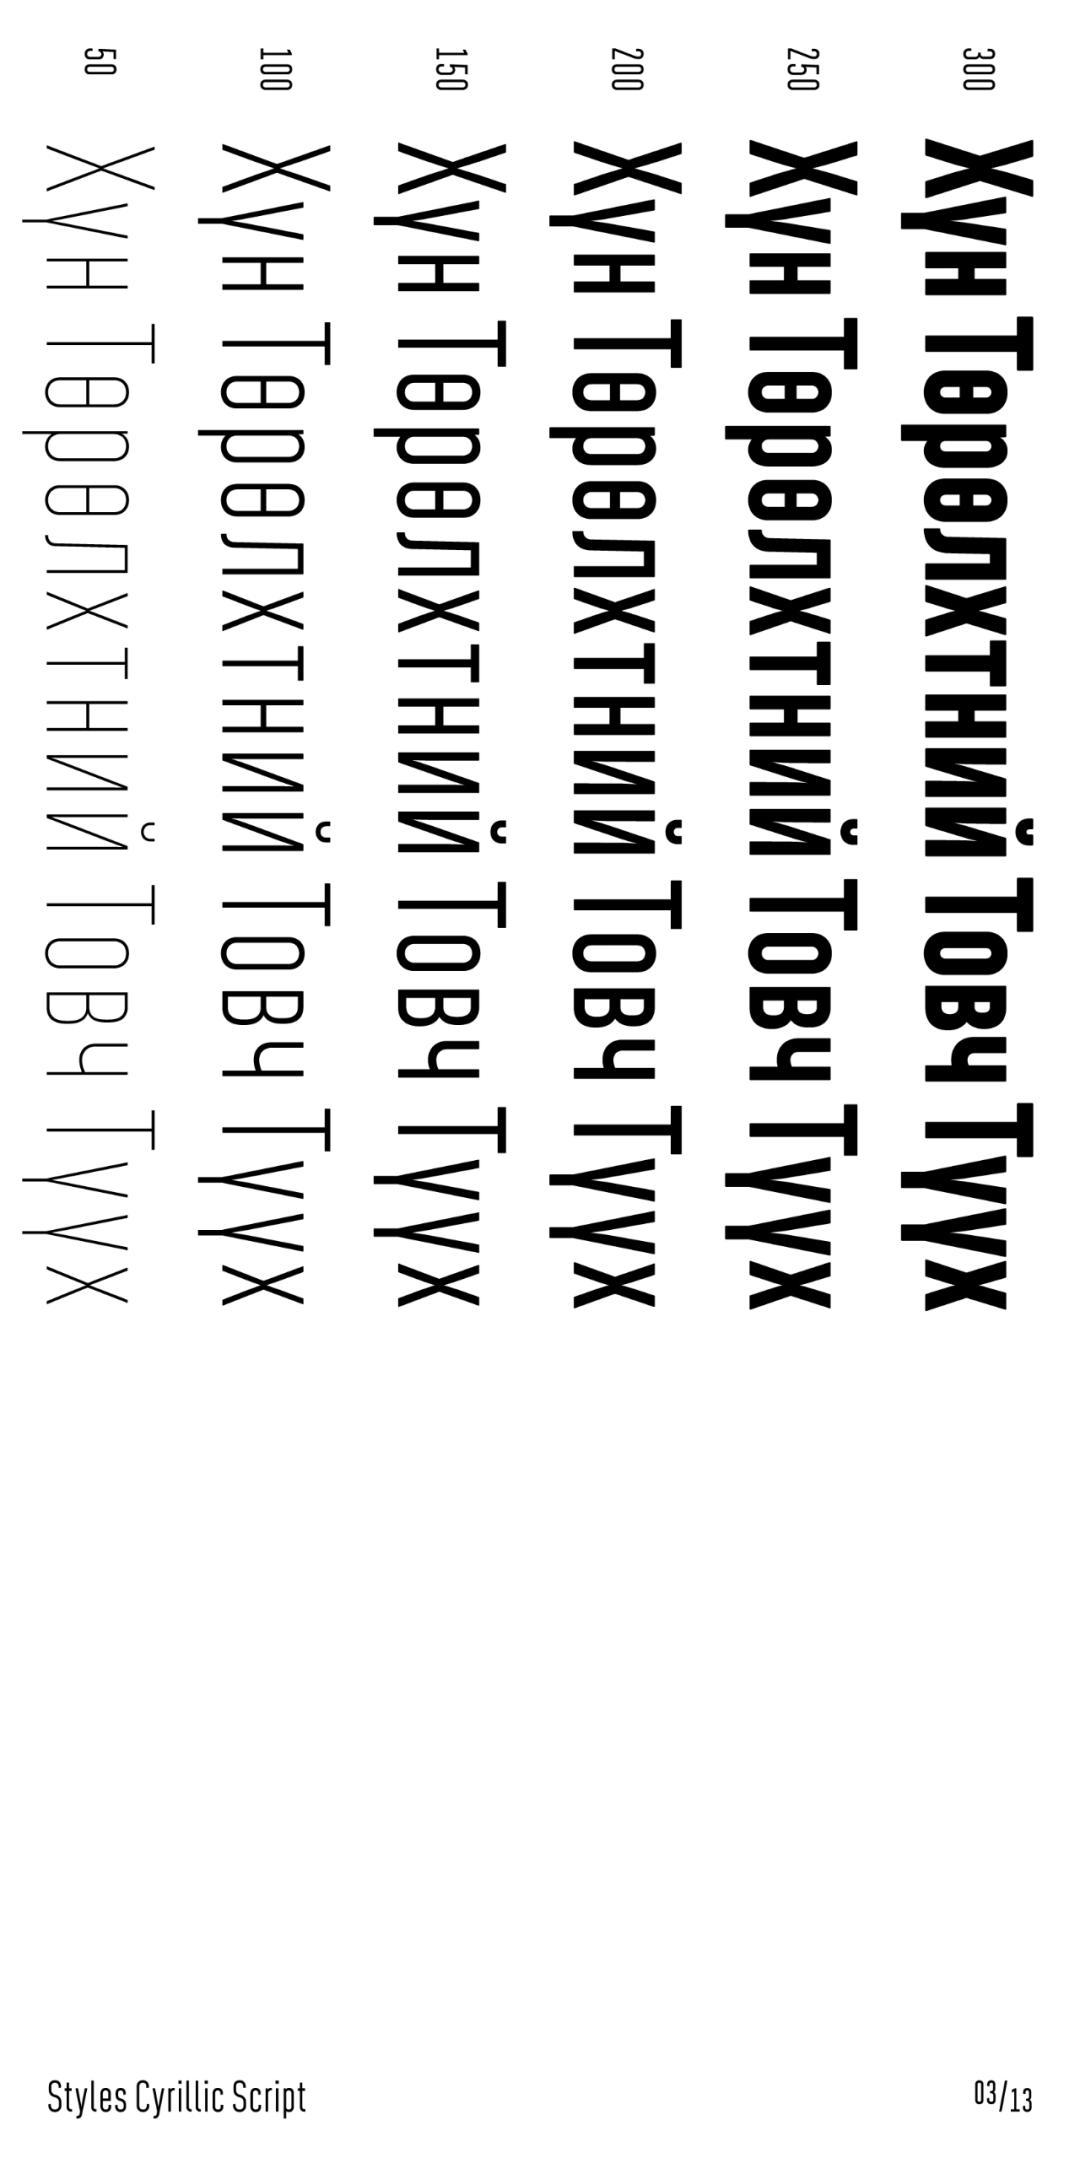 几何风格蒙古字体 Ailognom™ 第7张 几何风格蒙古字体 Ailognom™ 蒙古设计